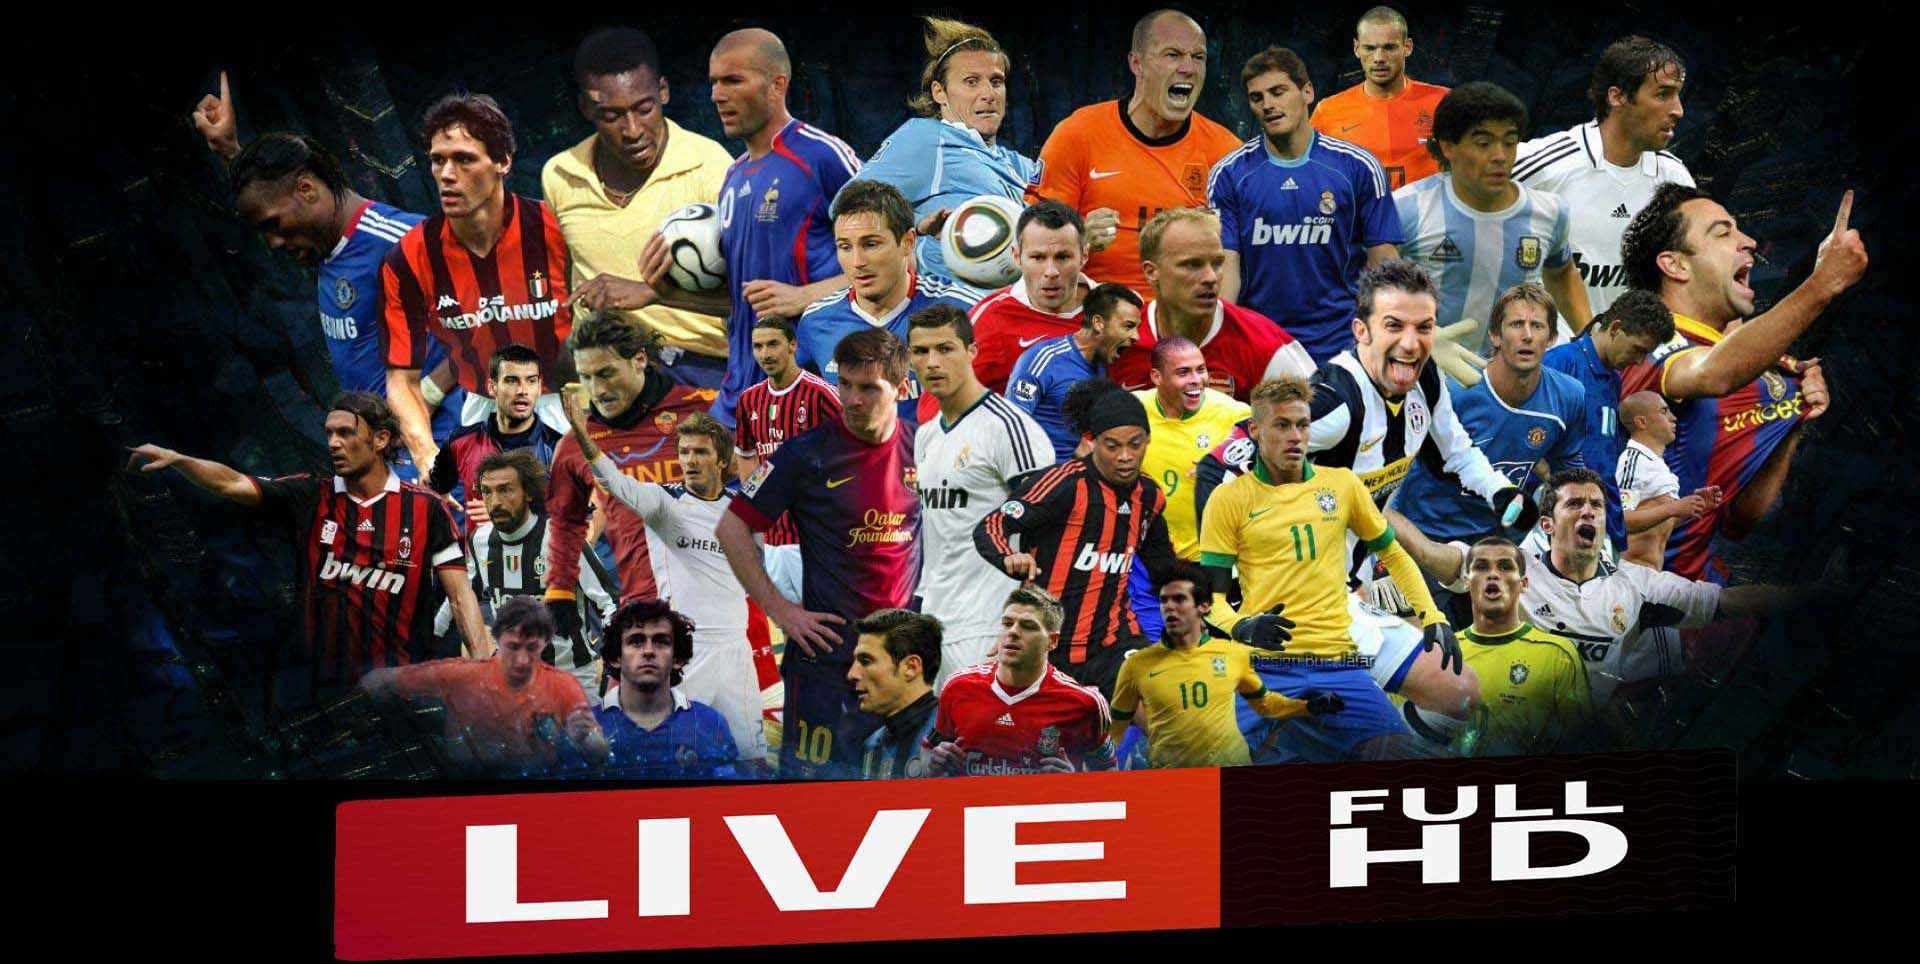 arsenal-vs-basel-uefa-live